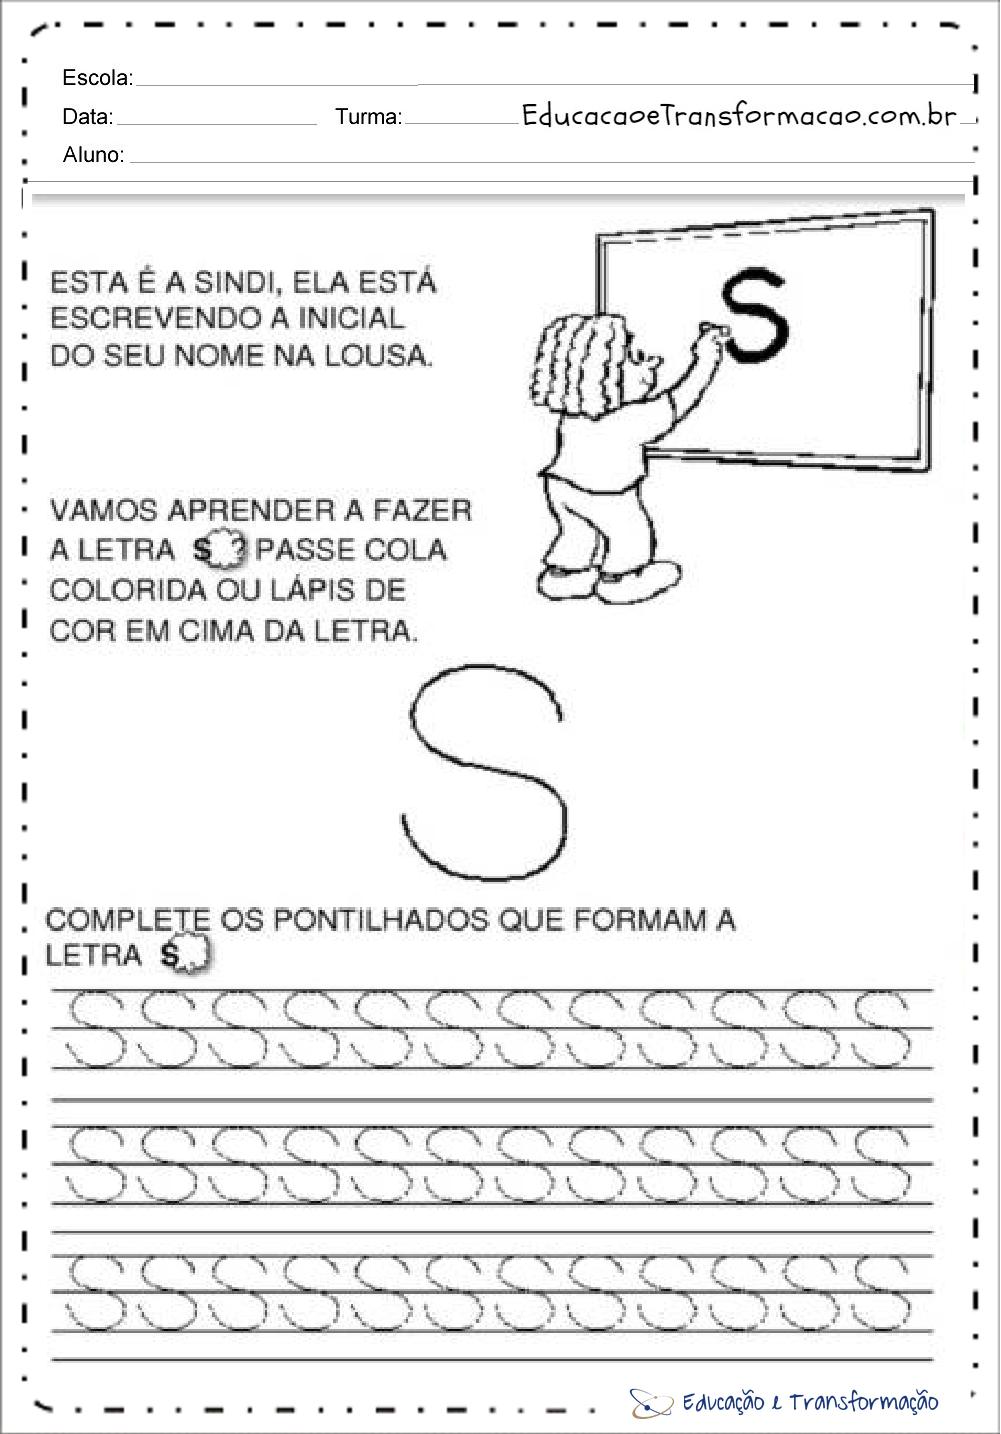 Atividades com a Letra S